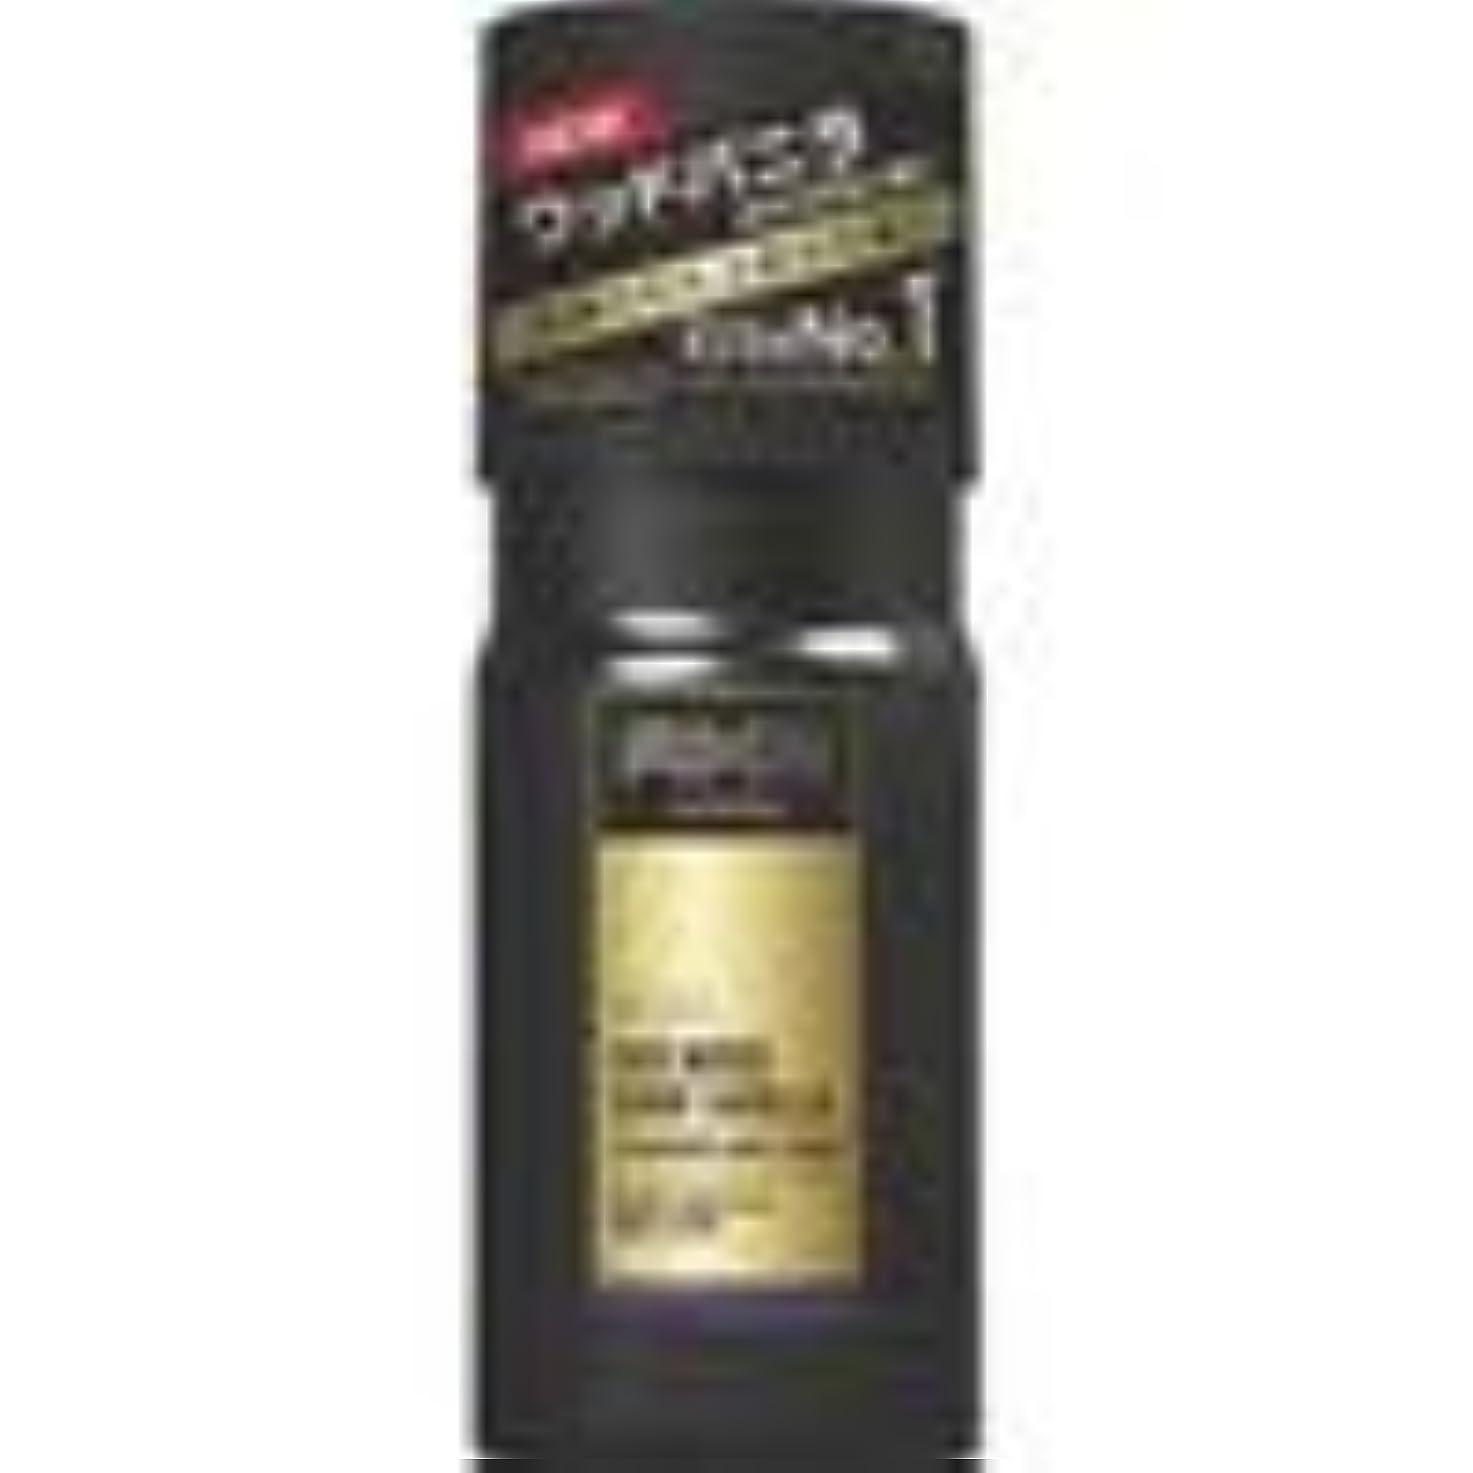 馬力中止しますソーセージ【3本セット】 アックス ゴールド 男性用 フレグランス ボディスプレー (ウッドバニラの香り) 60g